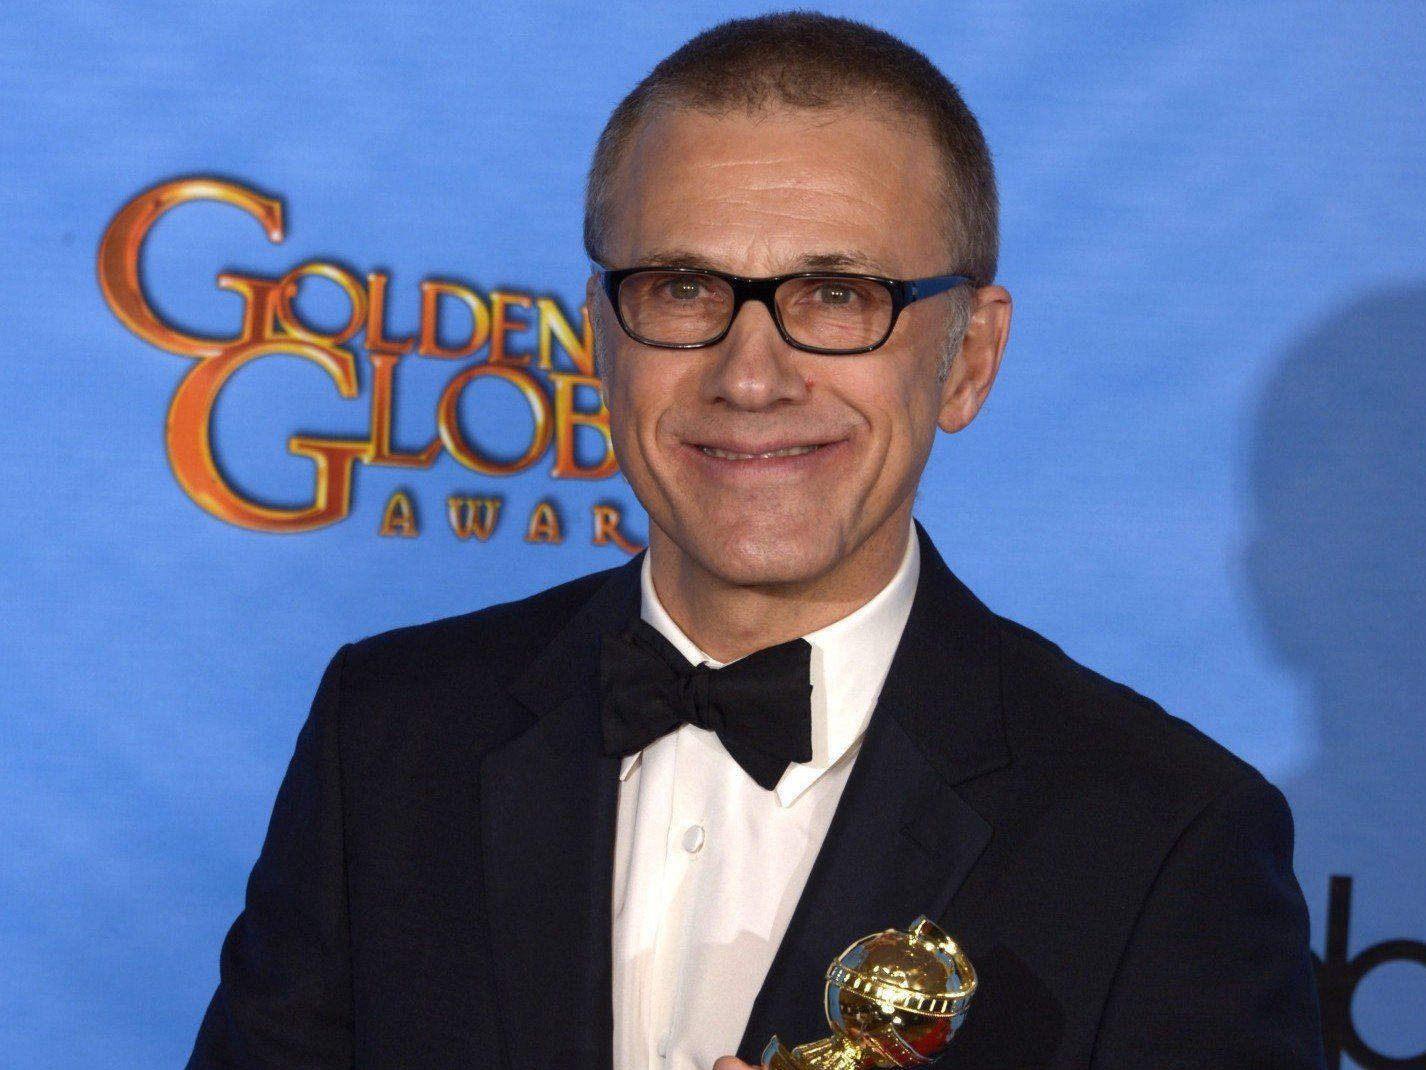 """Golden Globe für Christoph Waltz als Kopfgeldjäger King Schultz in """"Django Unchained""""."""